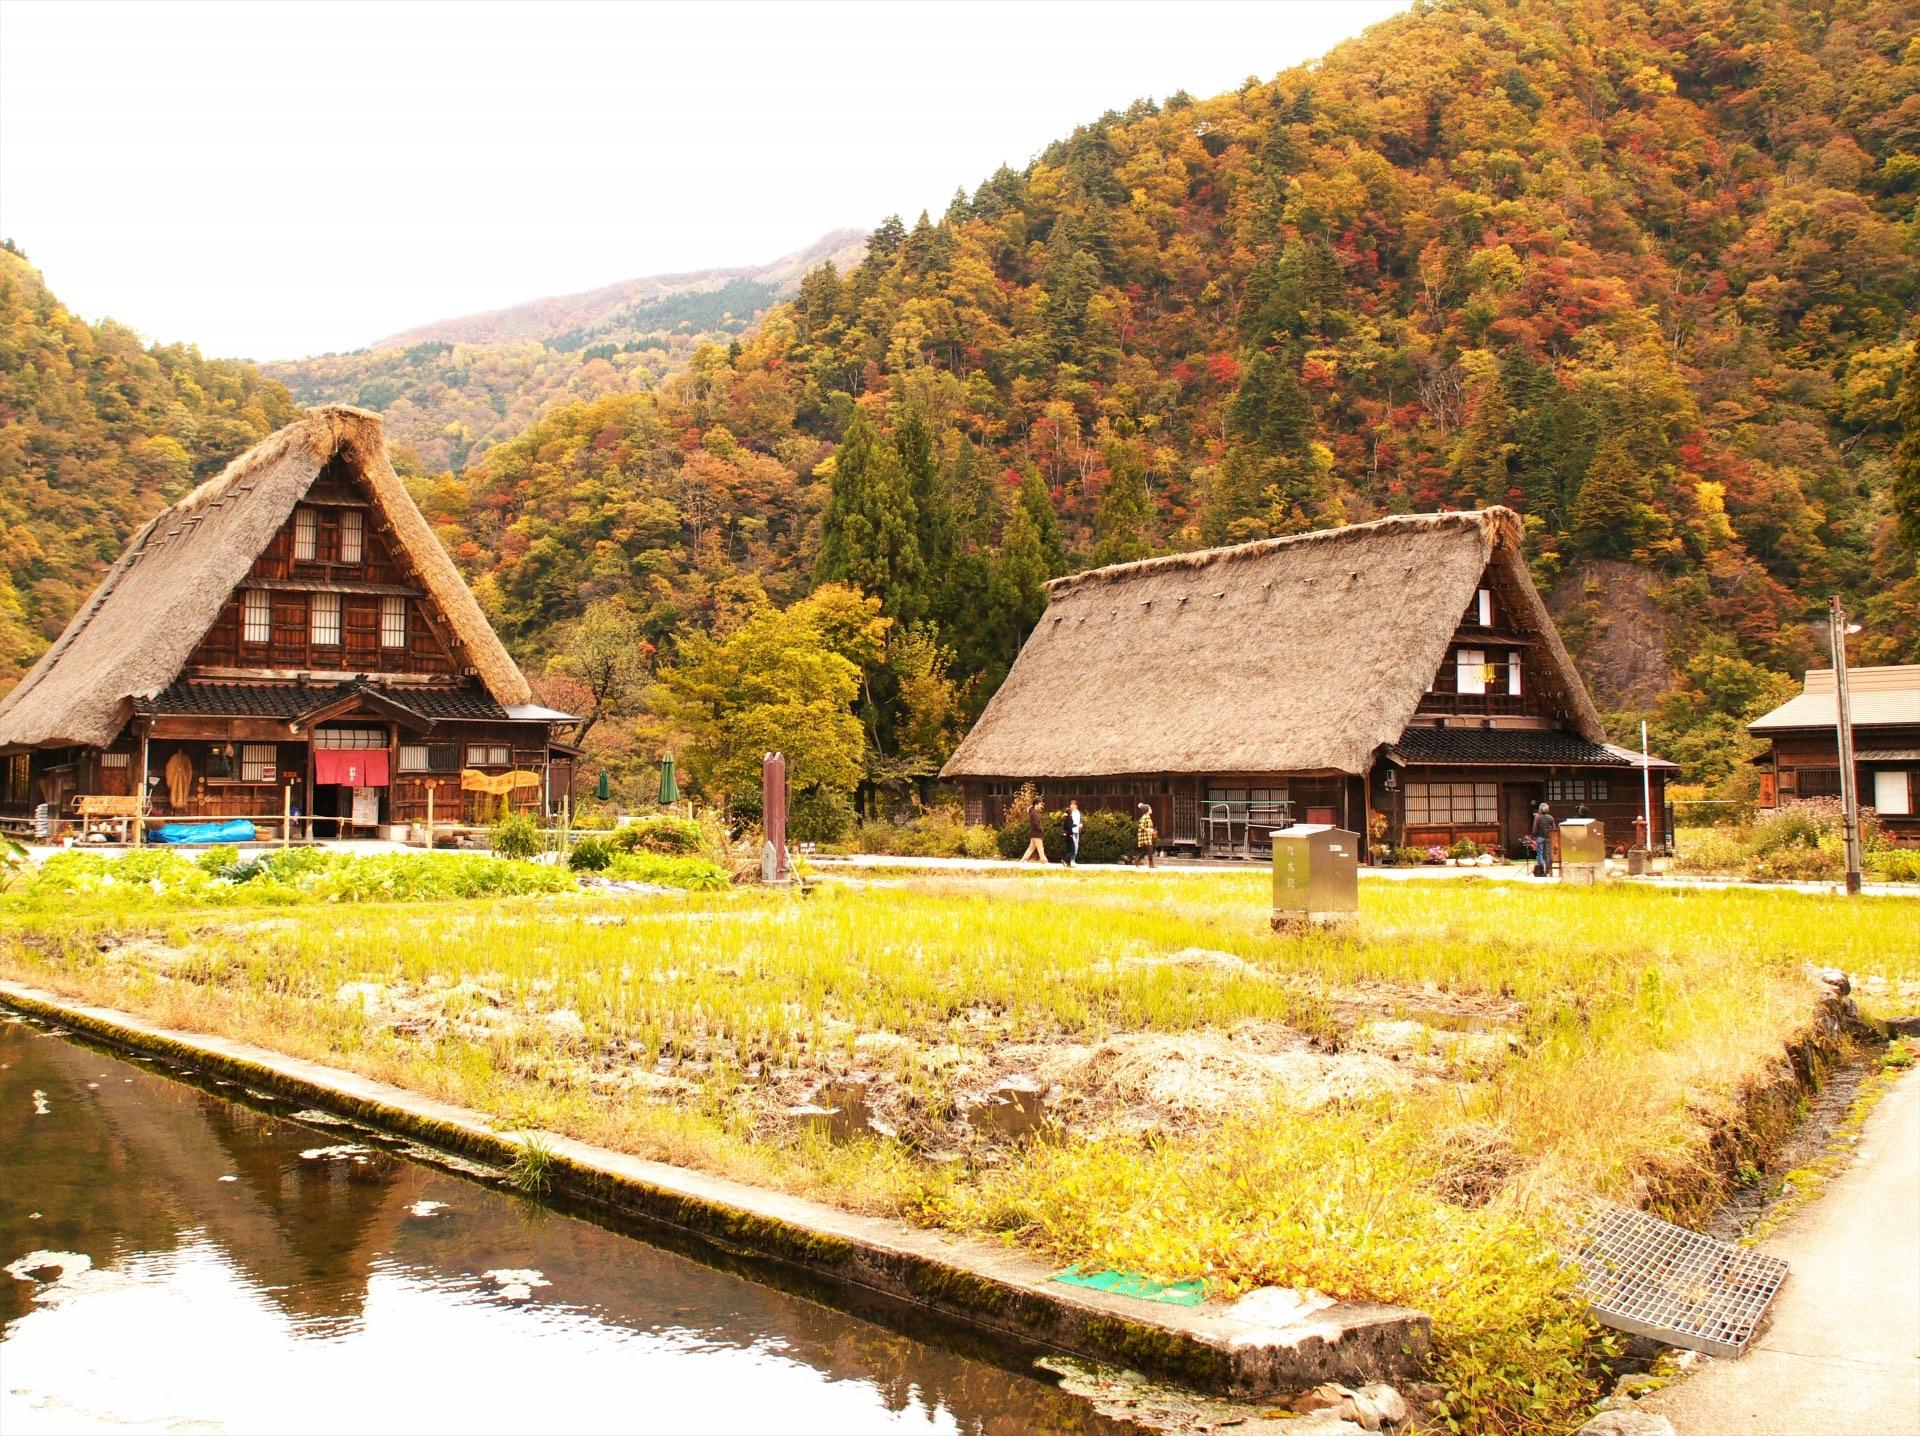 【名古屋巴士之旅】白川鄉合掌村、飛驒高山老街一日遊